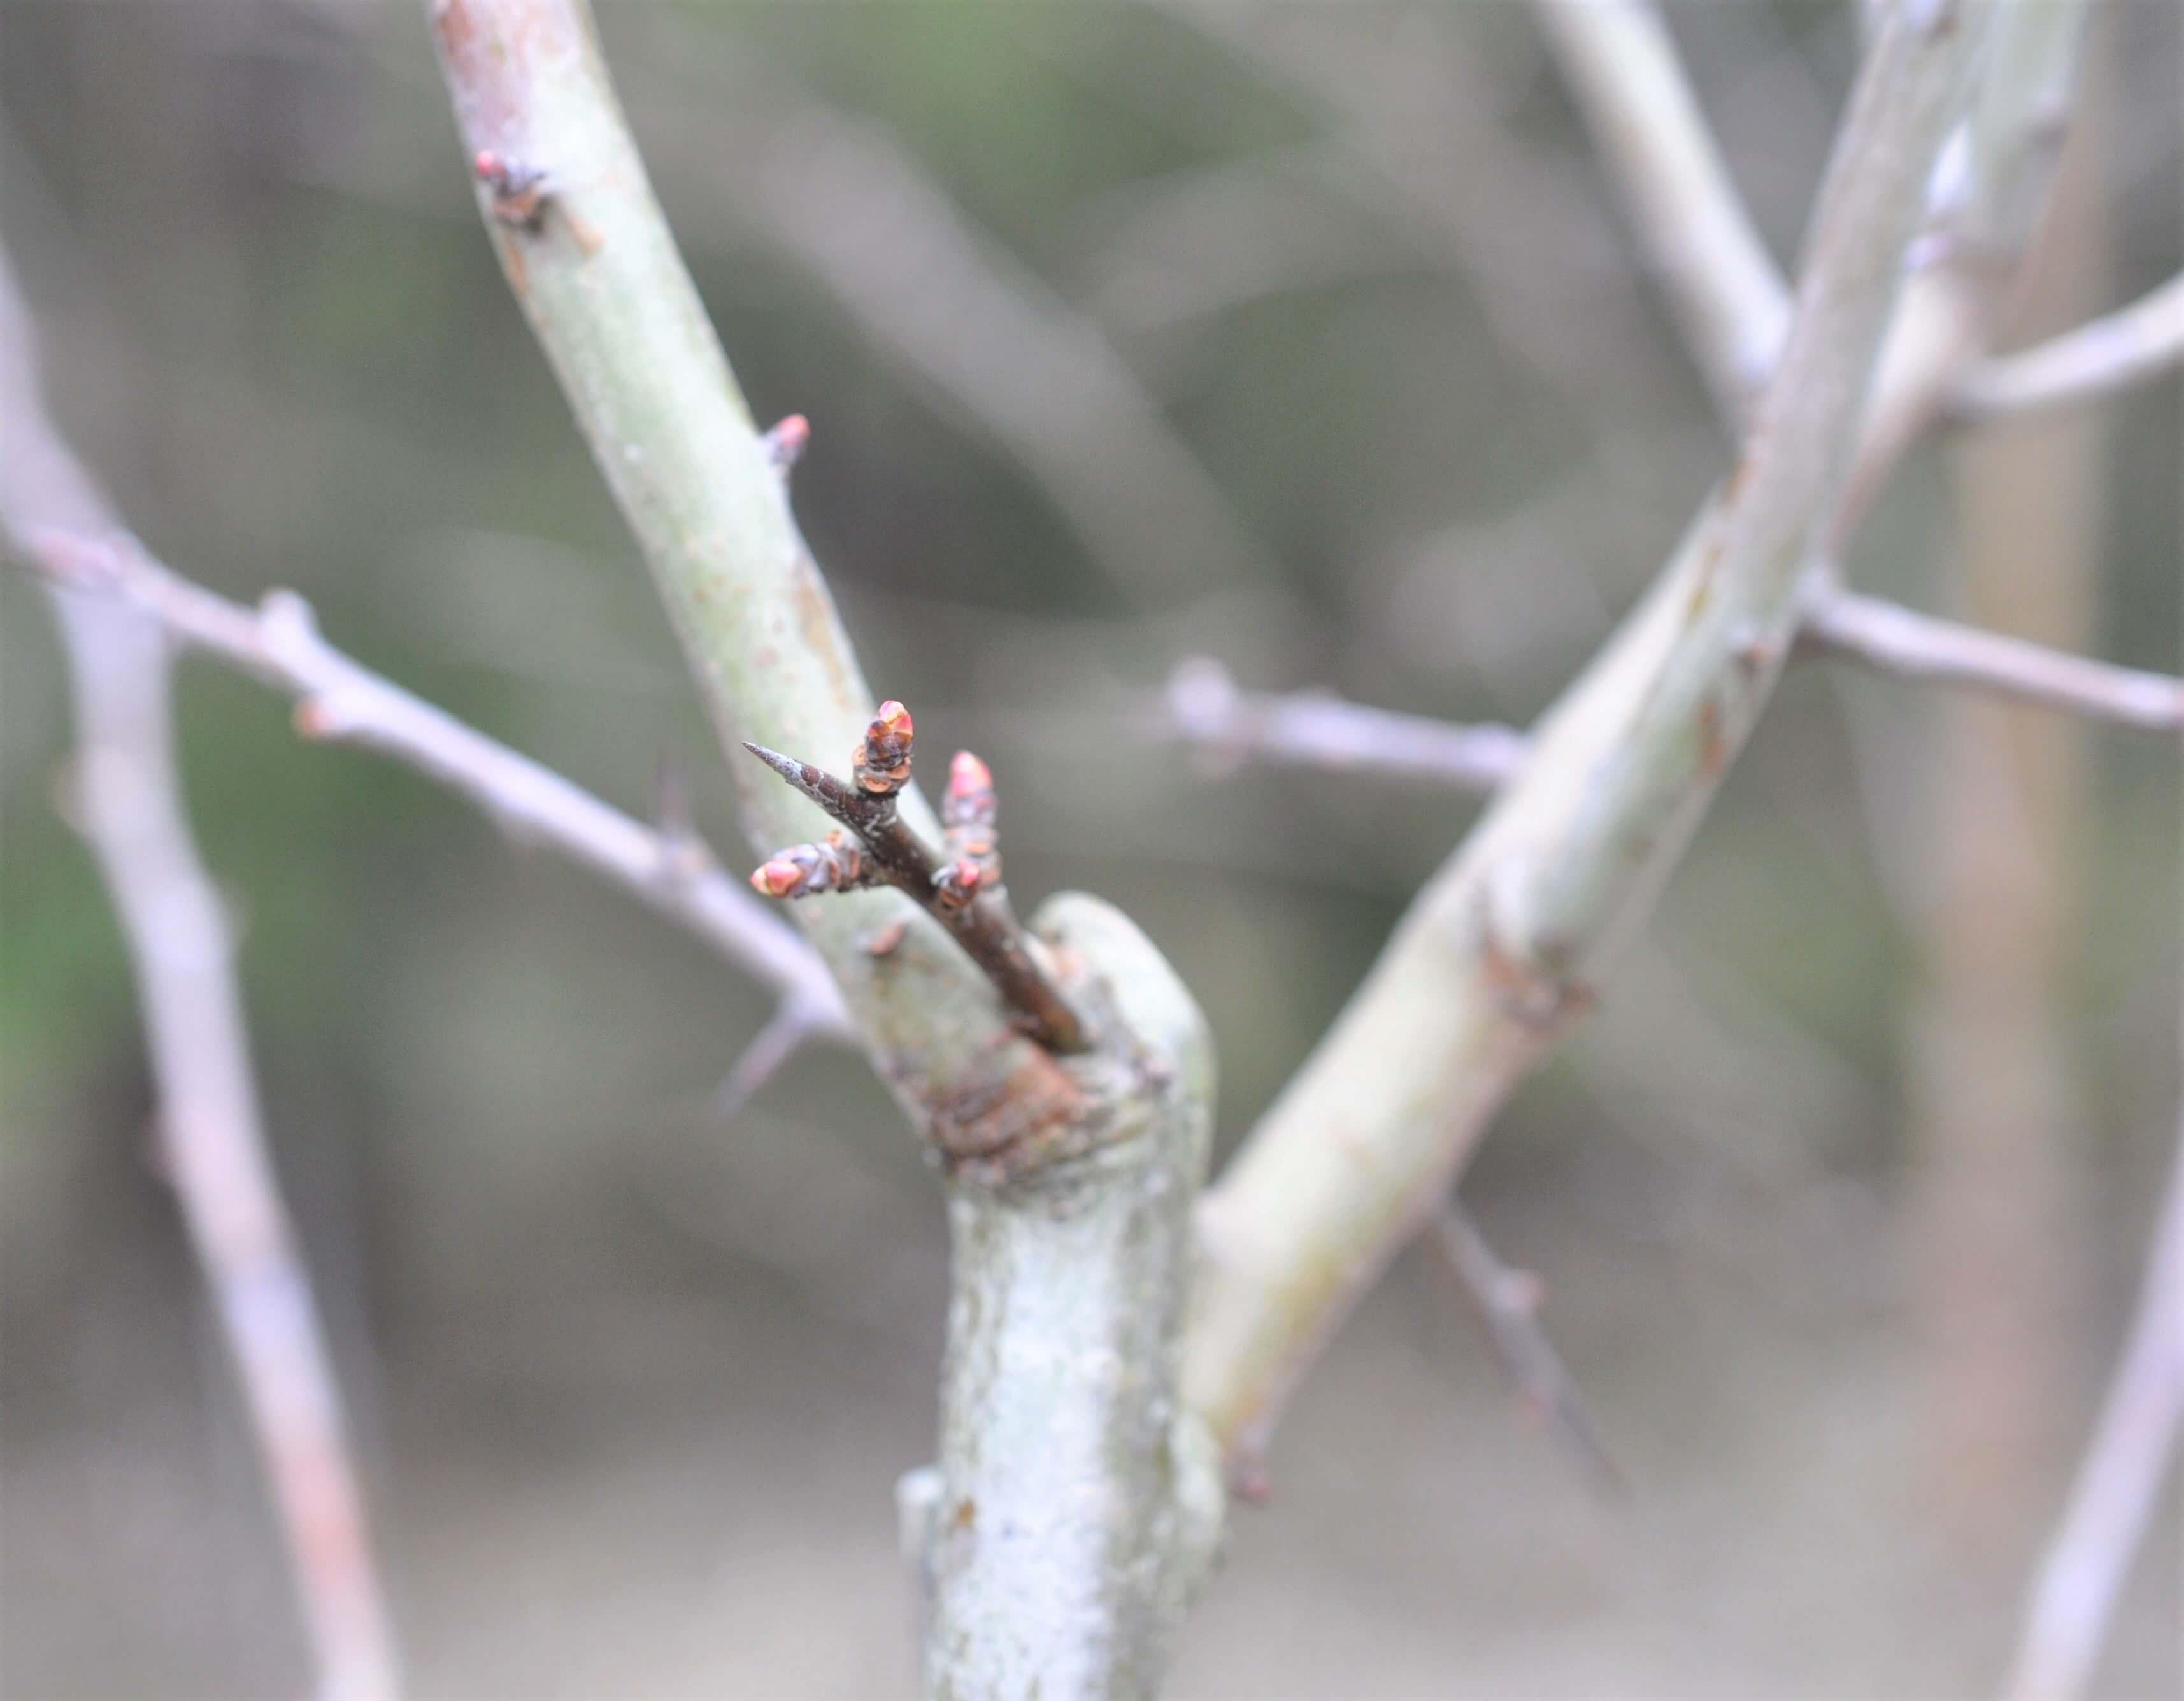 bladknoppar på kal hagtornskvist